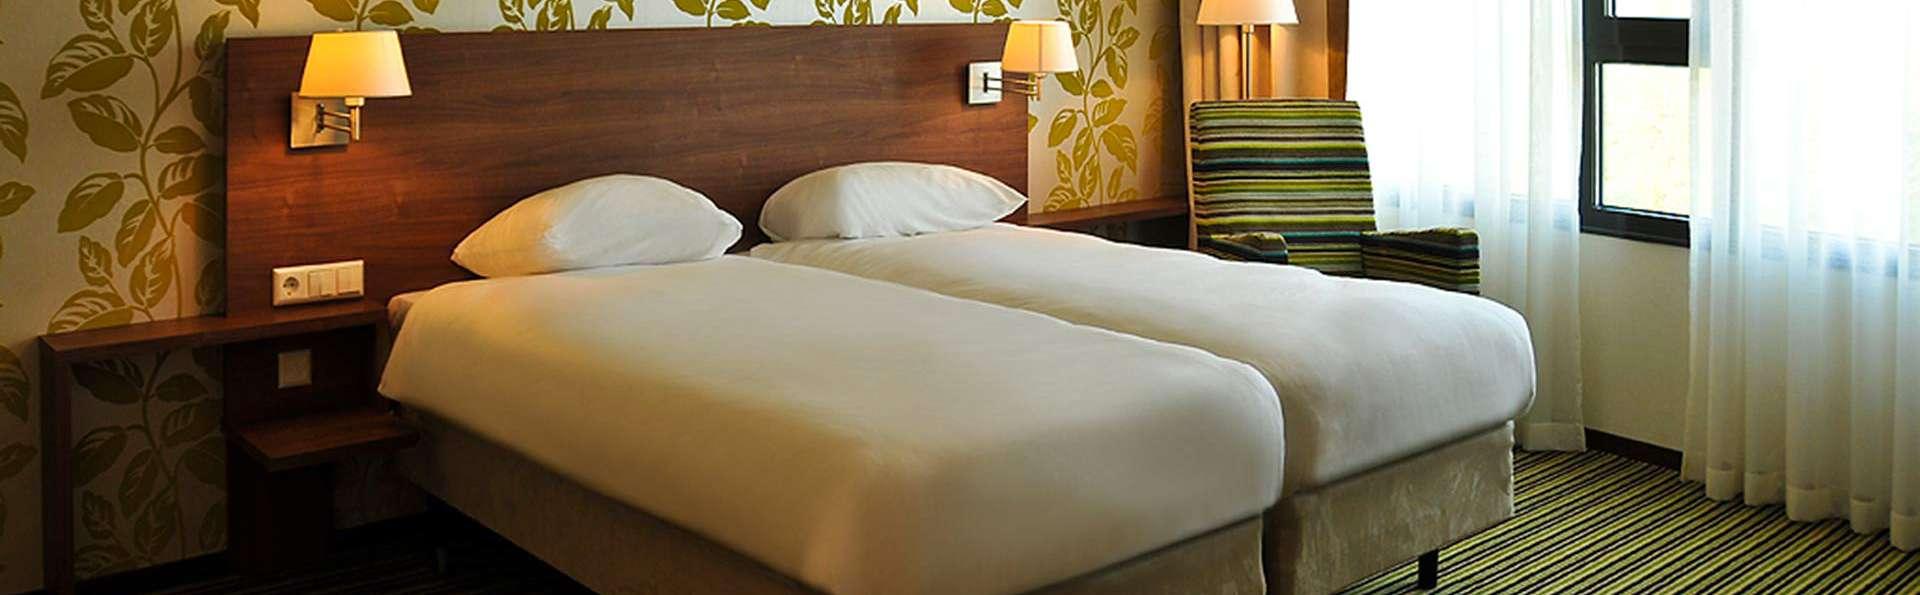 Van der Valk Hotel Ridderkerk - EDIT_room1.jpg